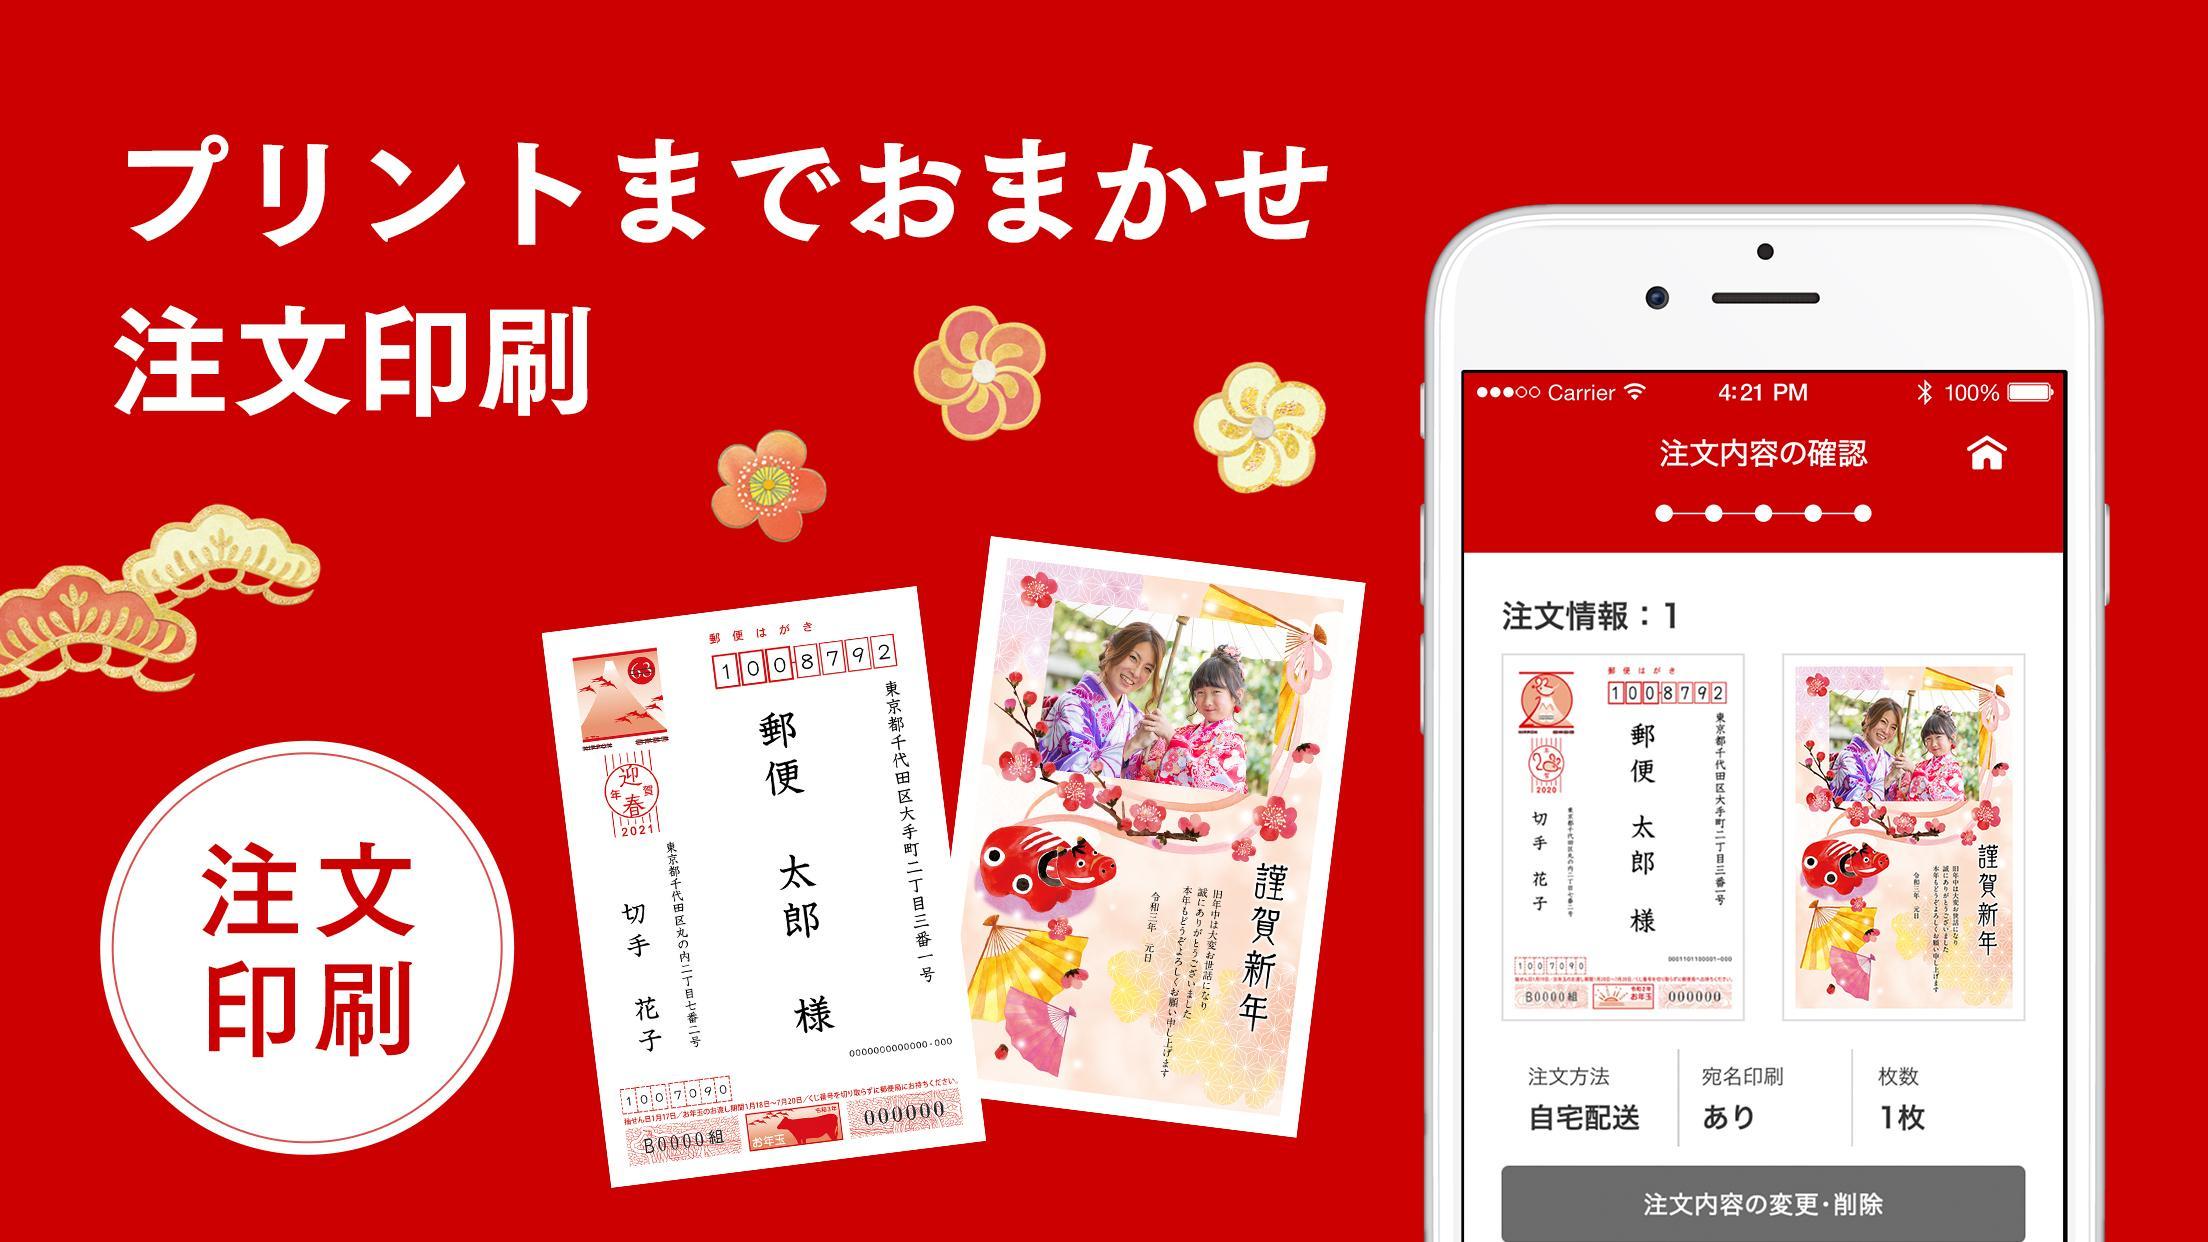 郵便 年賀状 アプリ 日本